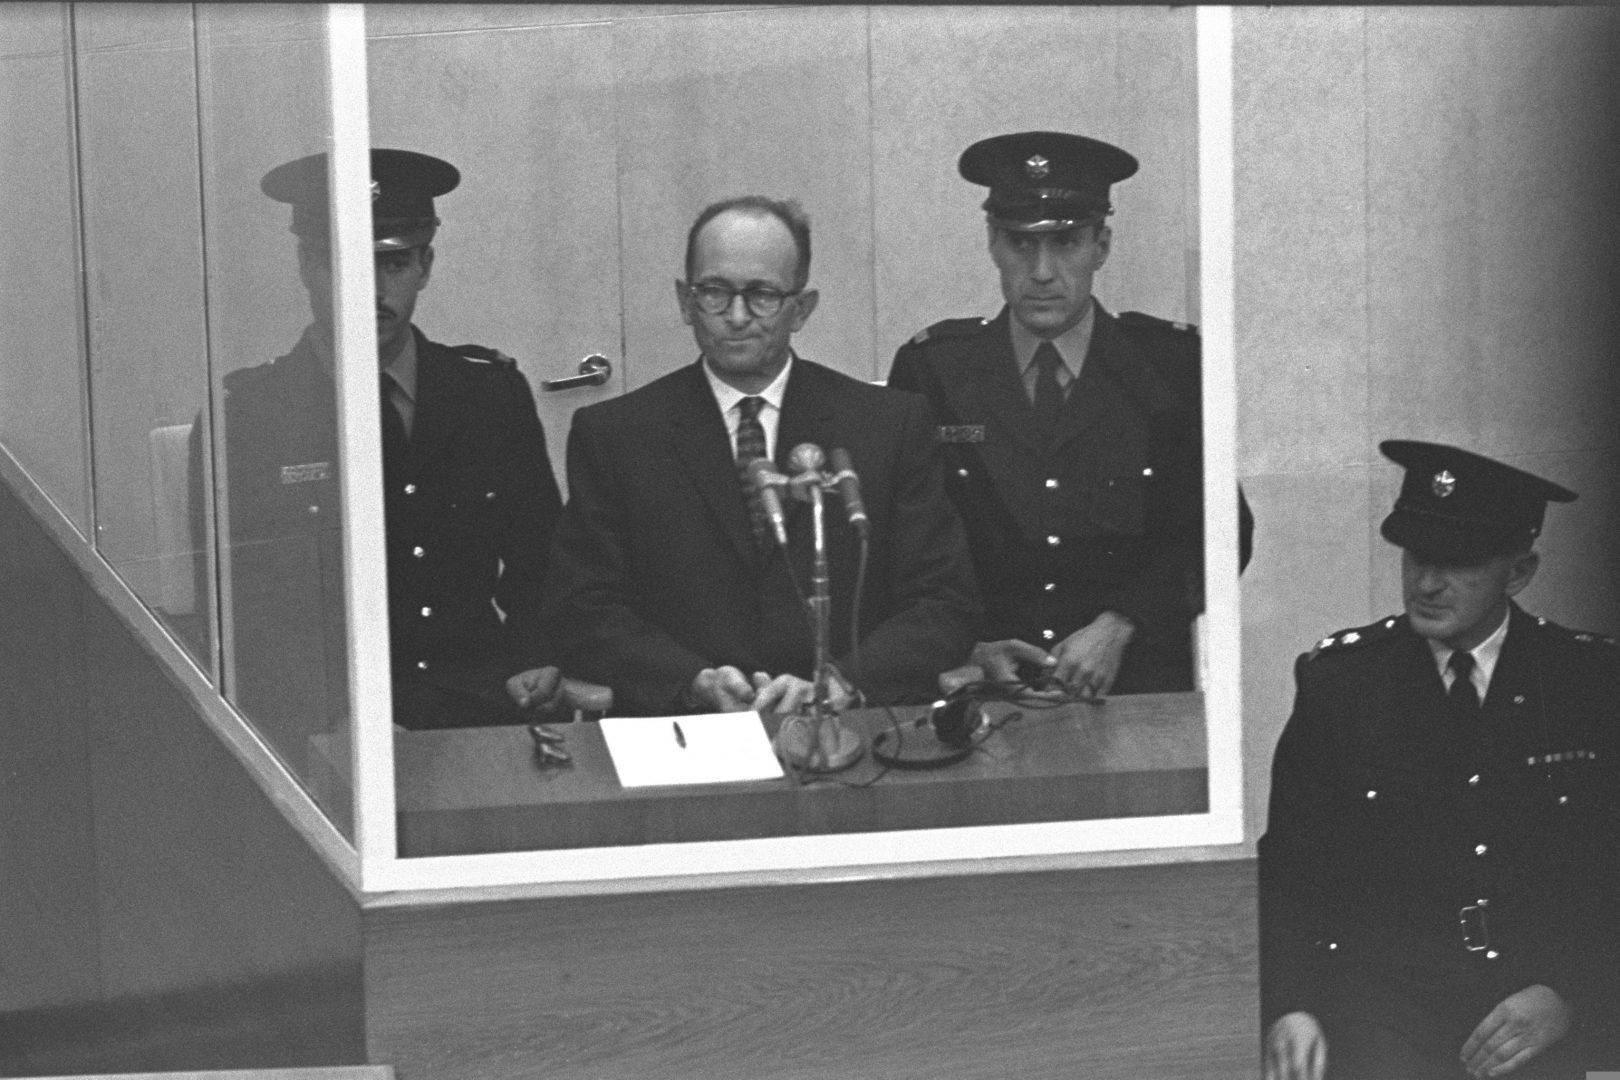 Il criminale nazista Adolf Eichmann protetto dalla CIA